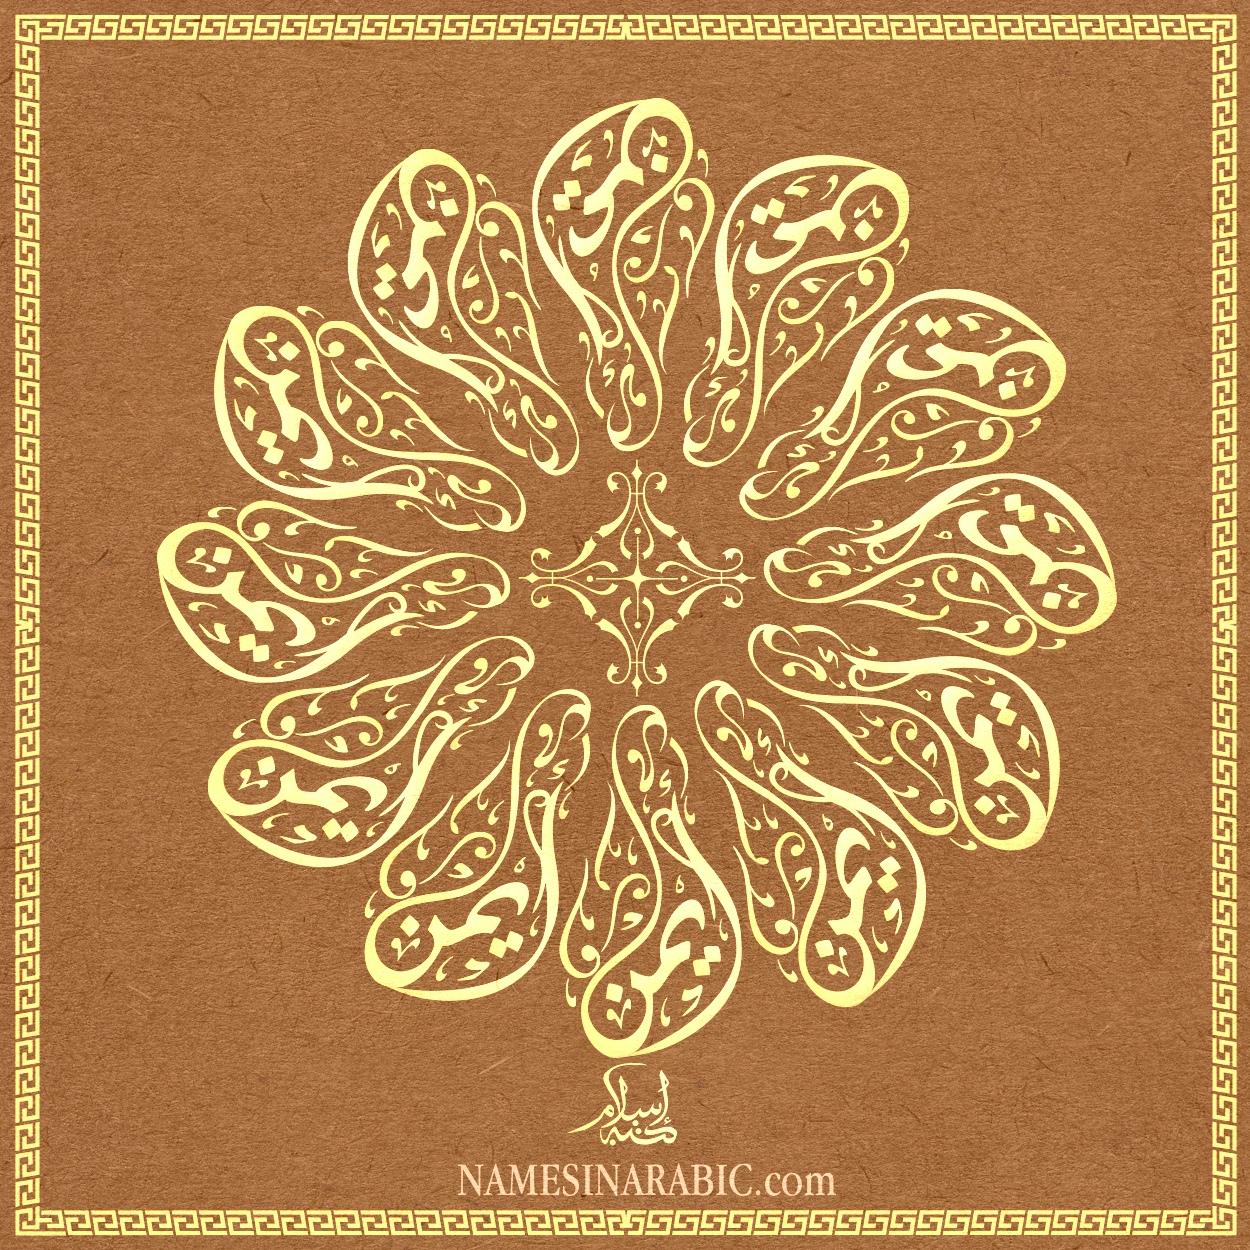 صورة اسم ايمن Ayman اسم ايمن بالخط العربي من موقع الأسماء بالخط العربي بريشة الفنان إسلام ابن الفضل